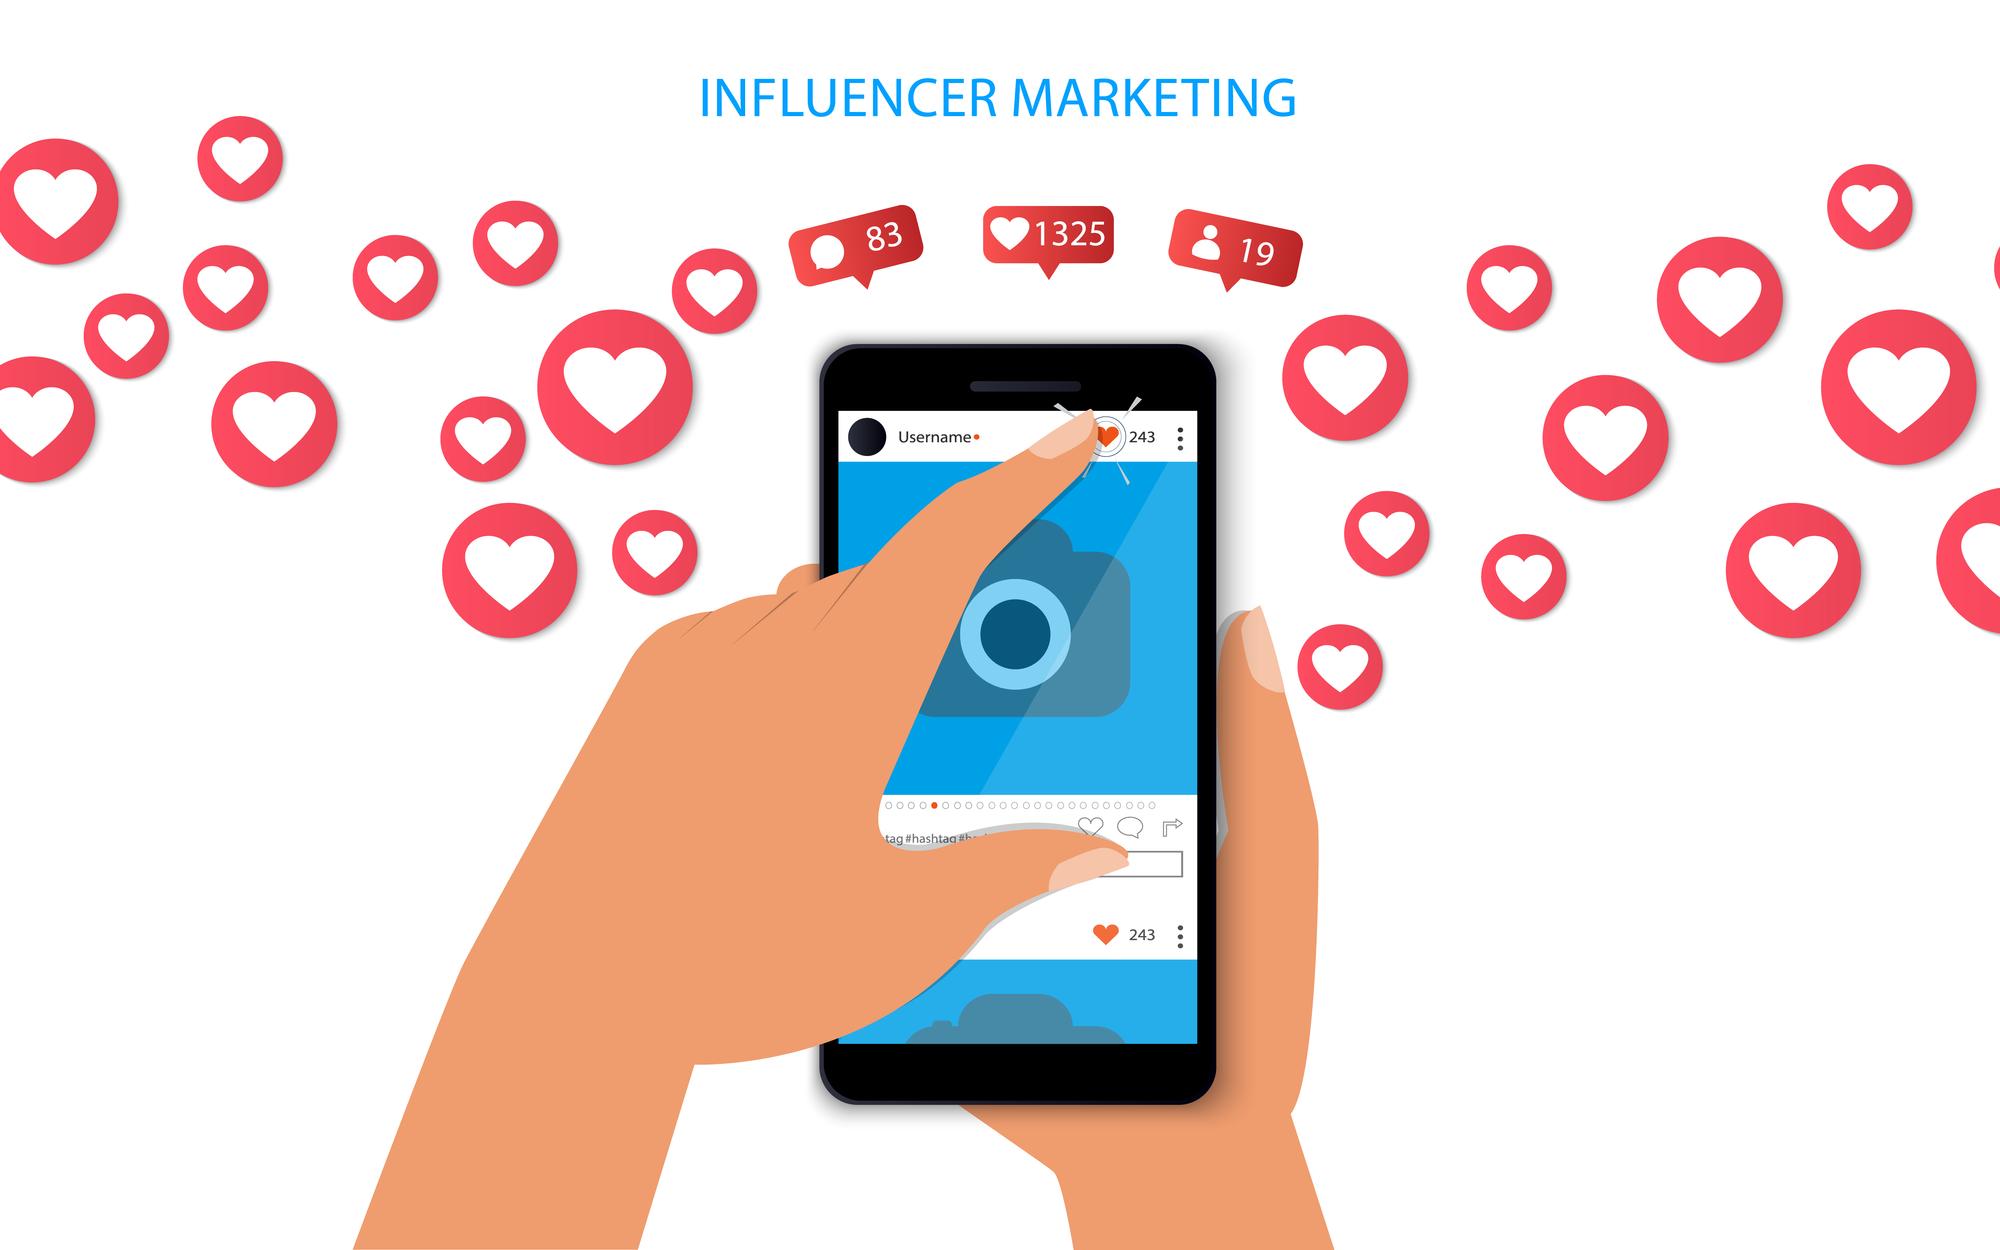 Cập nhật xu hướng influencer marketing hiệu quả